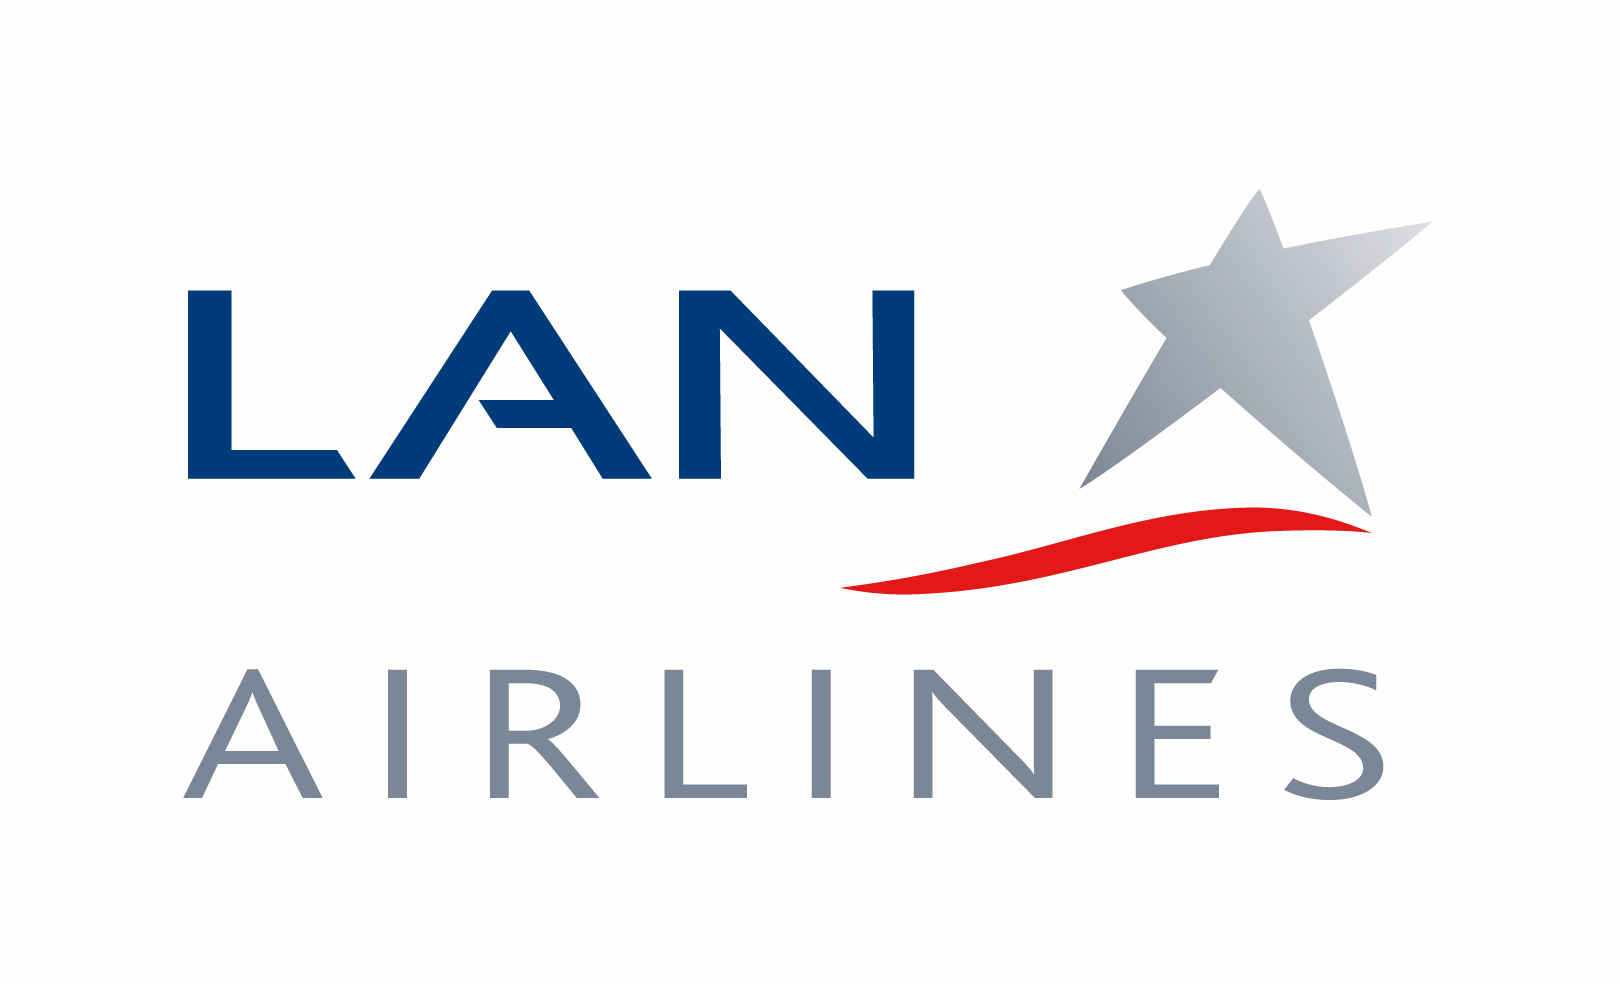 Lam Airlines